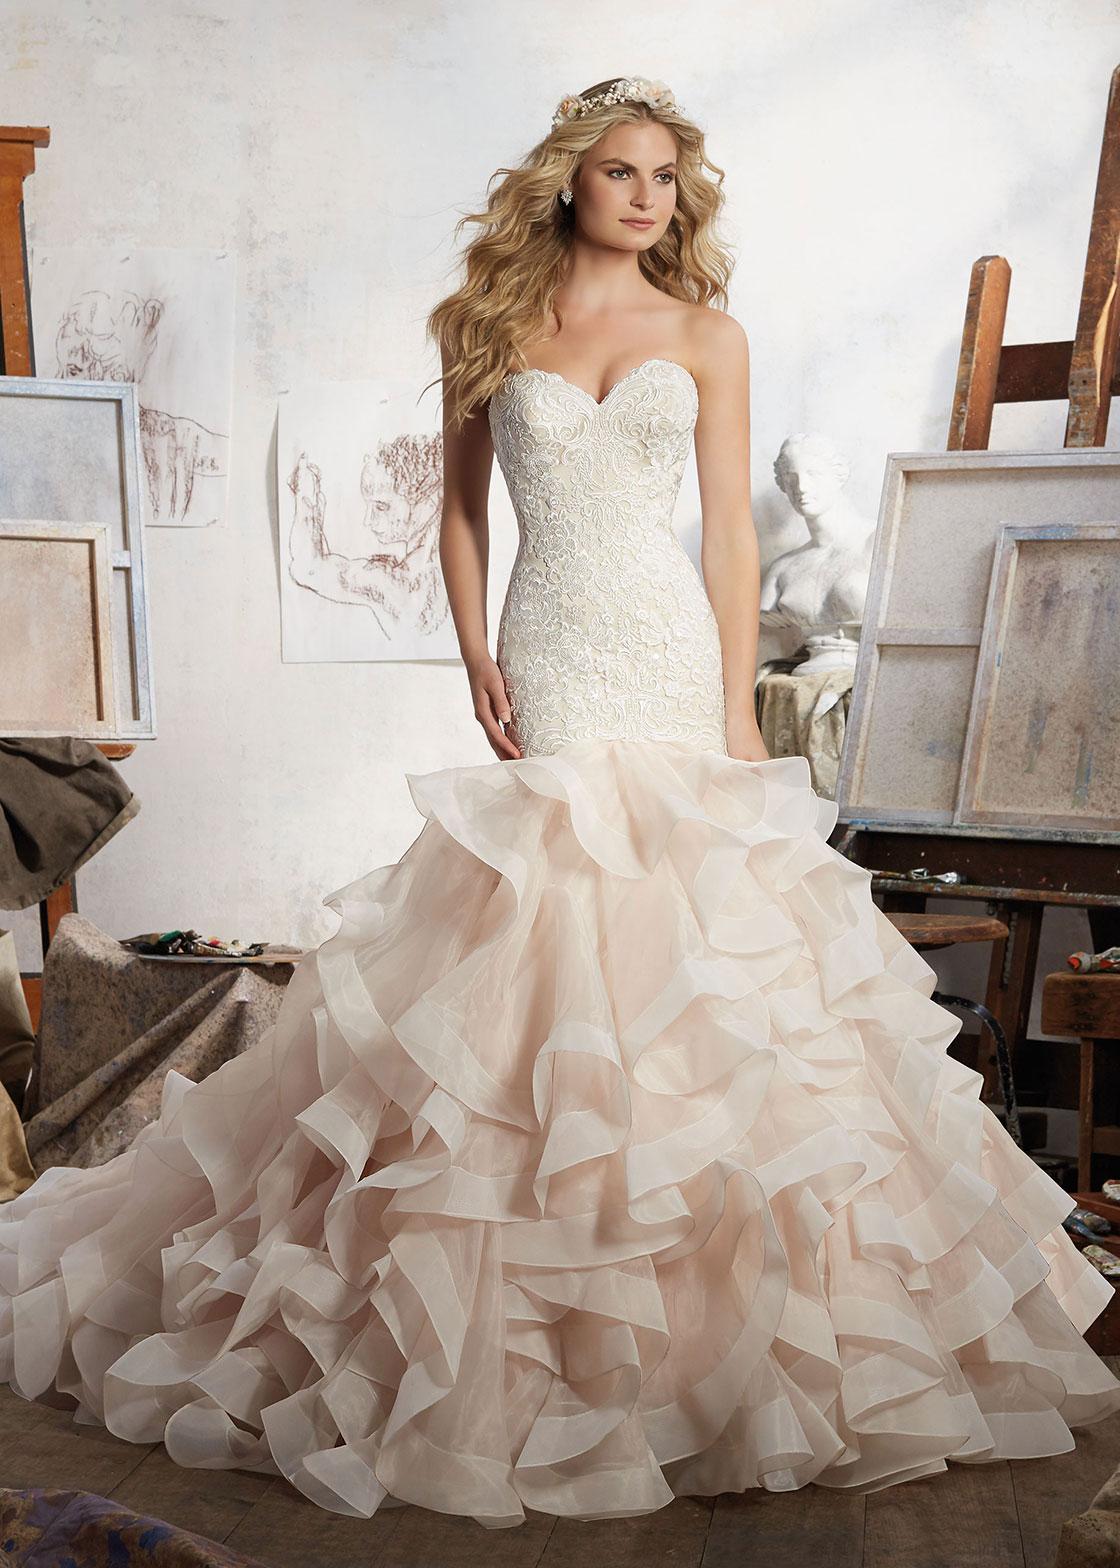 jezebel-oy1192 | To Cherish Bridal Boutique